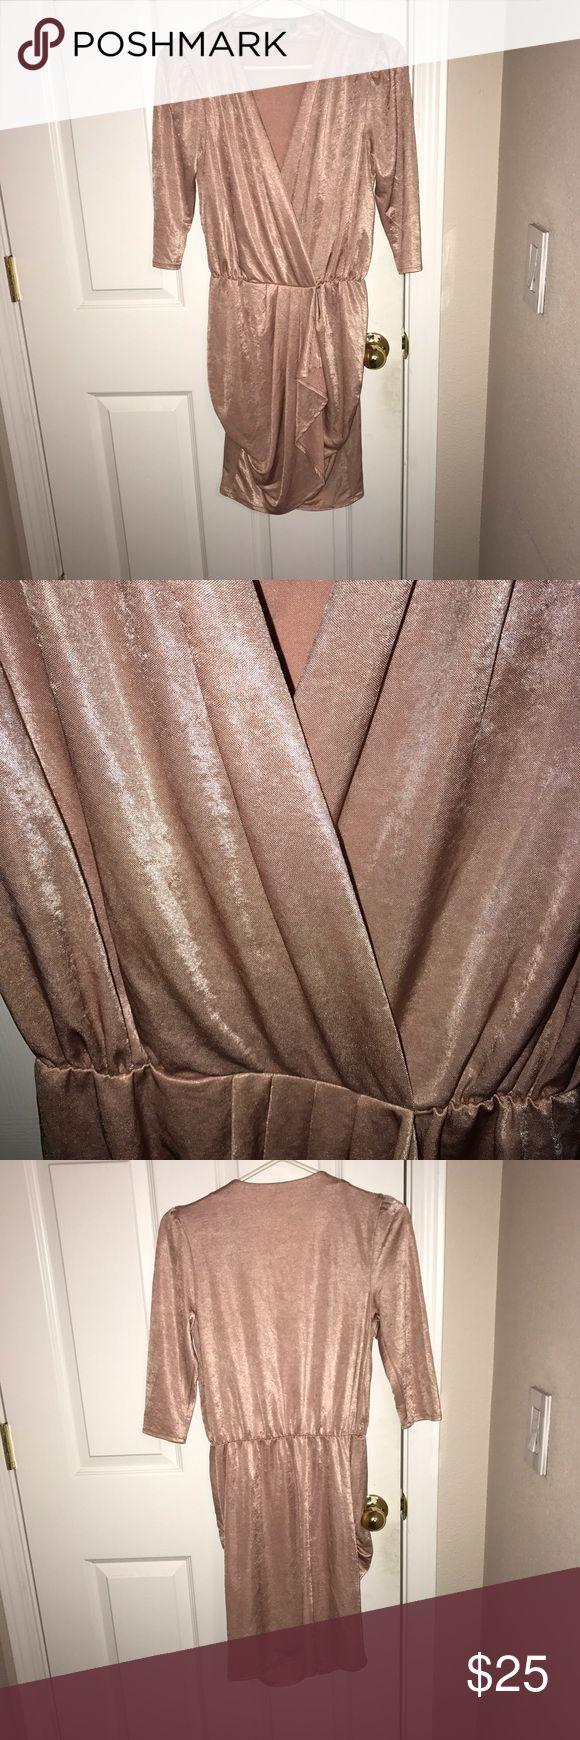 Asos cocktail dress Asos cocktail dress. NWT. Light pink metallic finish. ASOS Dresses